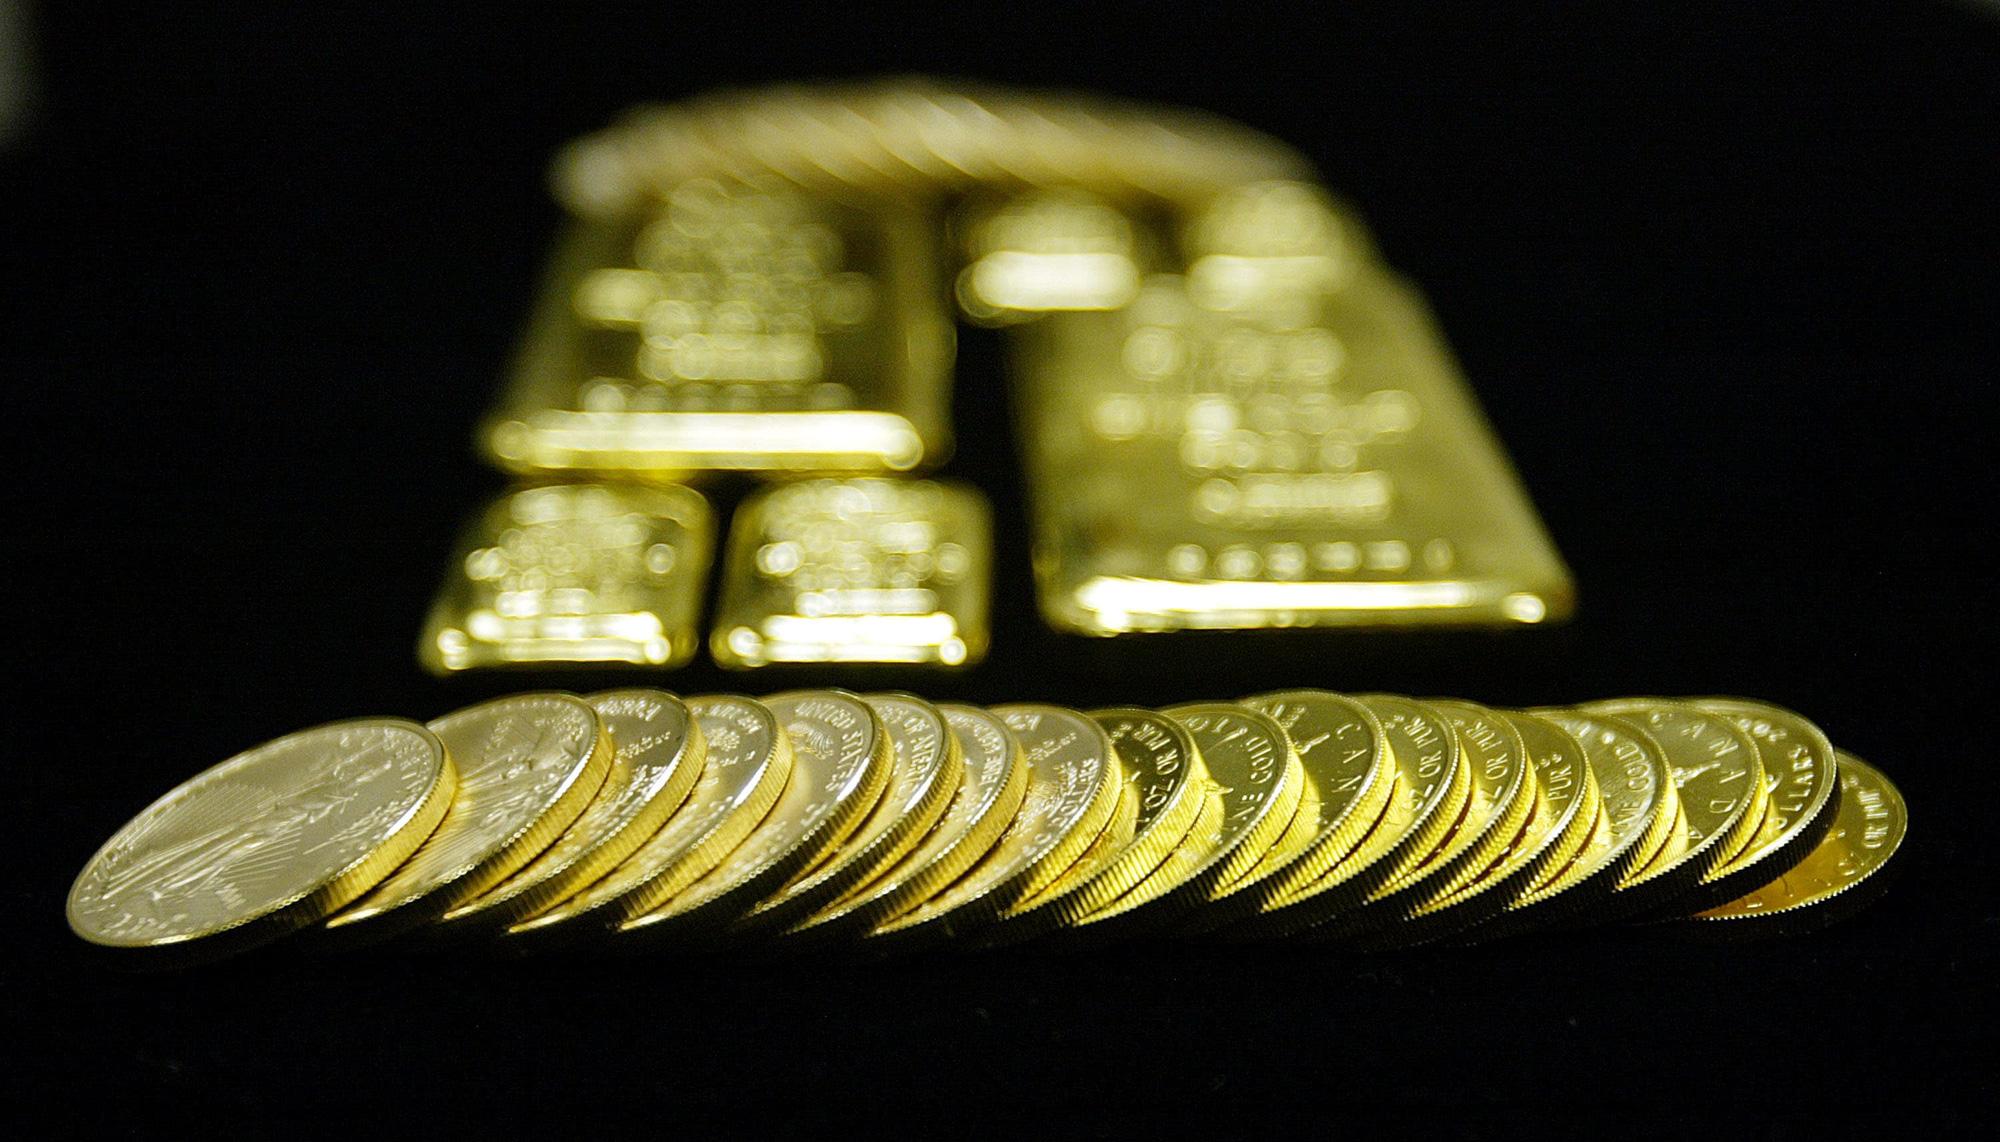 Giá vàng hôm nay 4/3: Tăng nhờ quyết định hạ lãi suất của Fed - Ảnh 1.